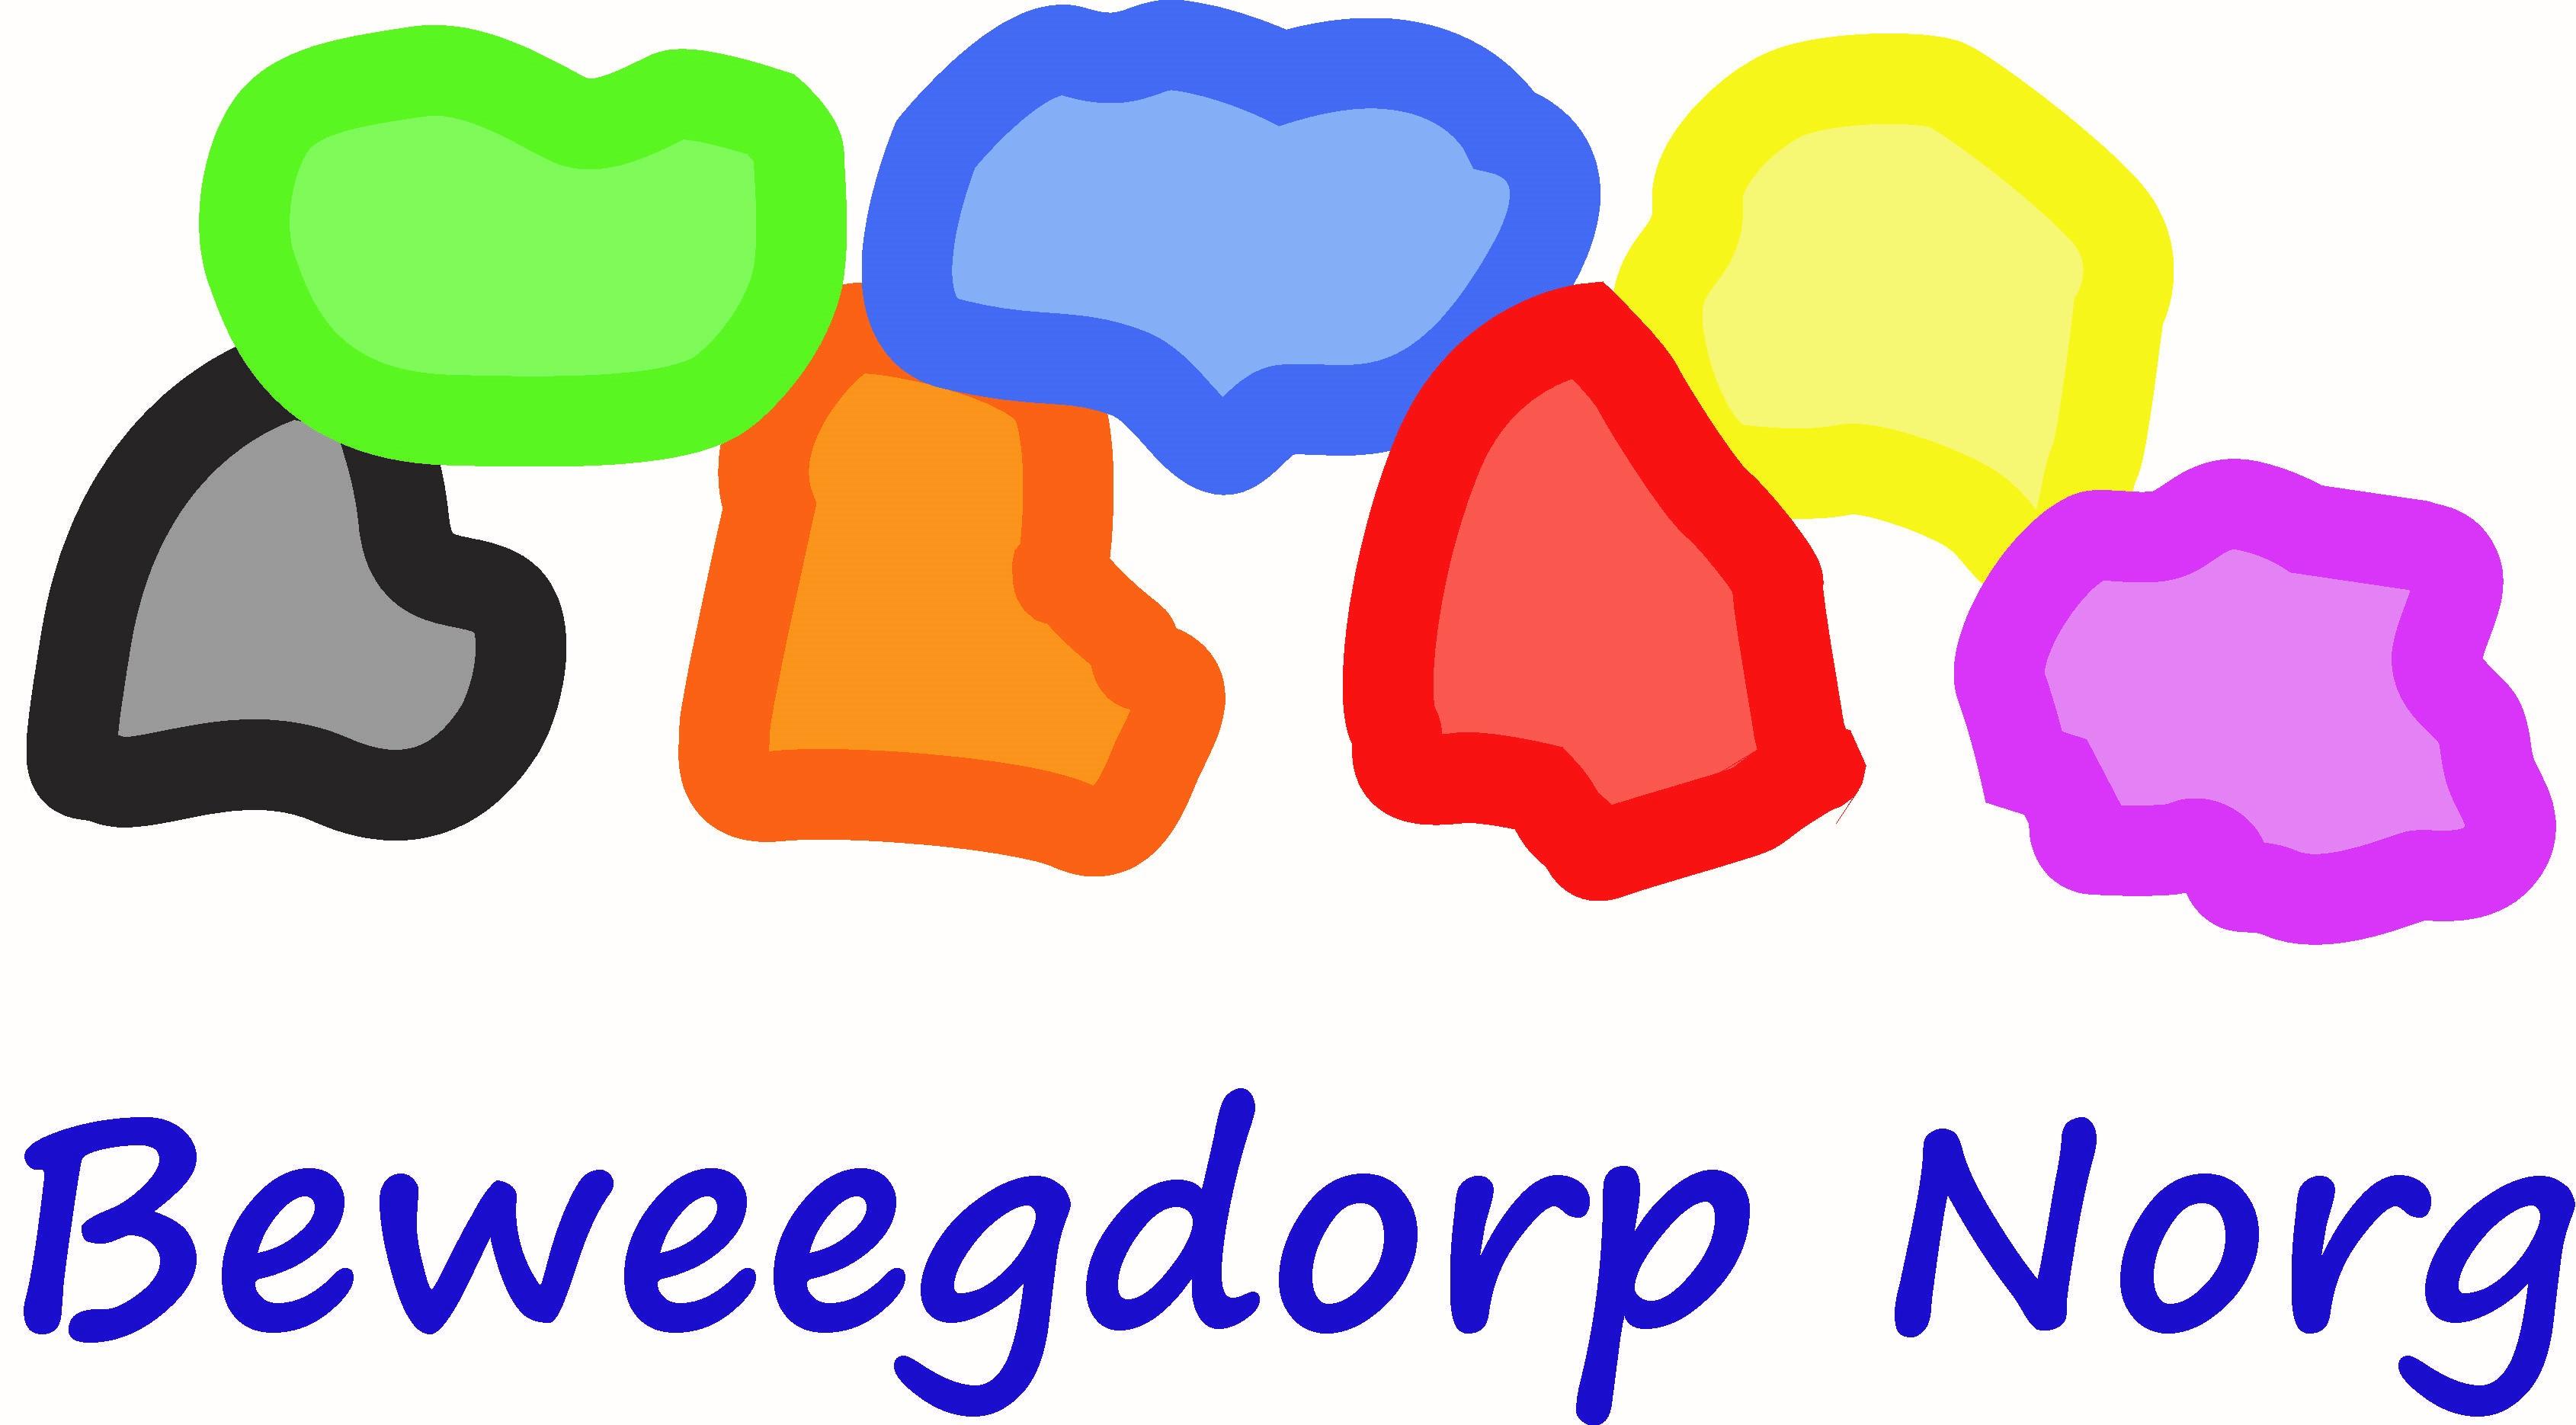 Nieuw aanbod Sportpas van Beweegdorp Norg – We gaan naar buiten!